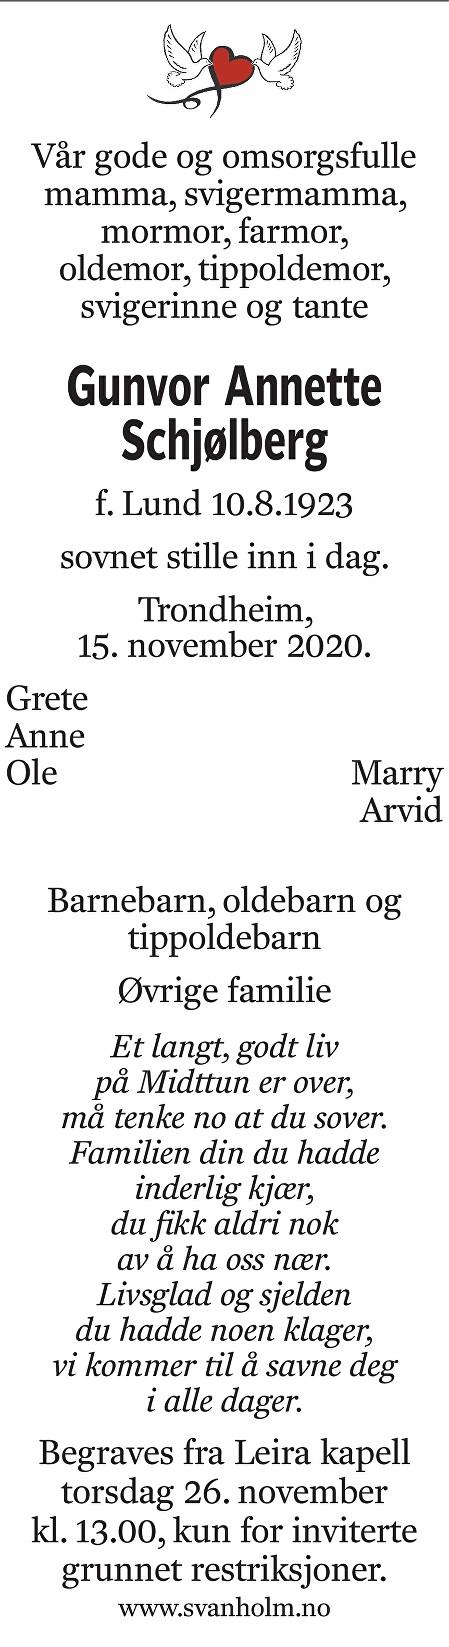 Gunvor Annette Schjølberg Dødsannonse